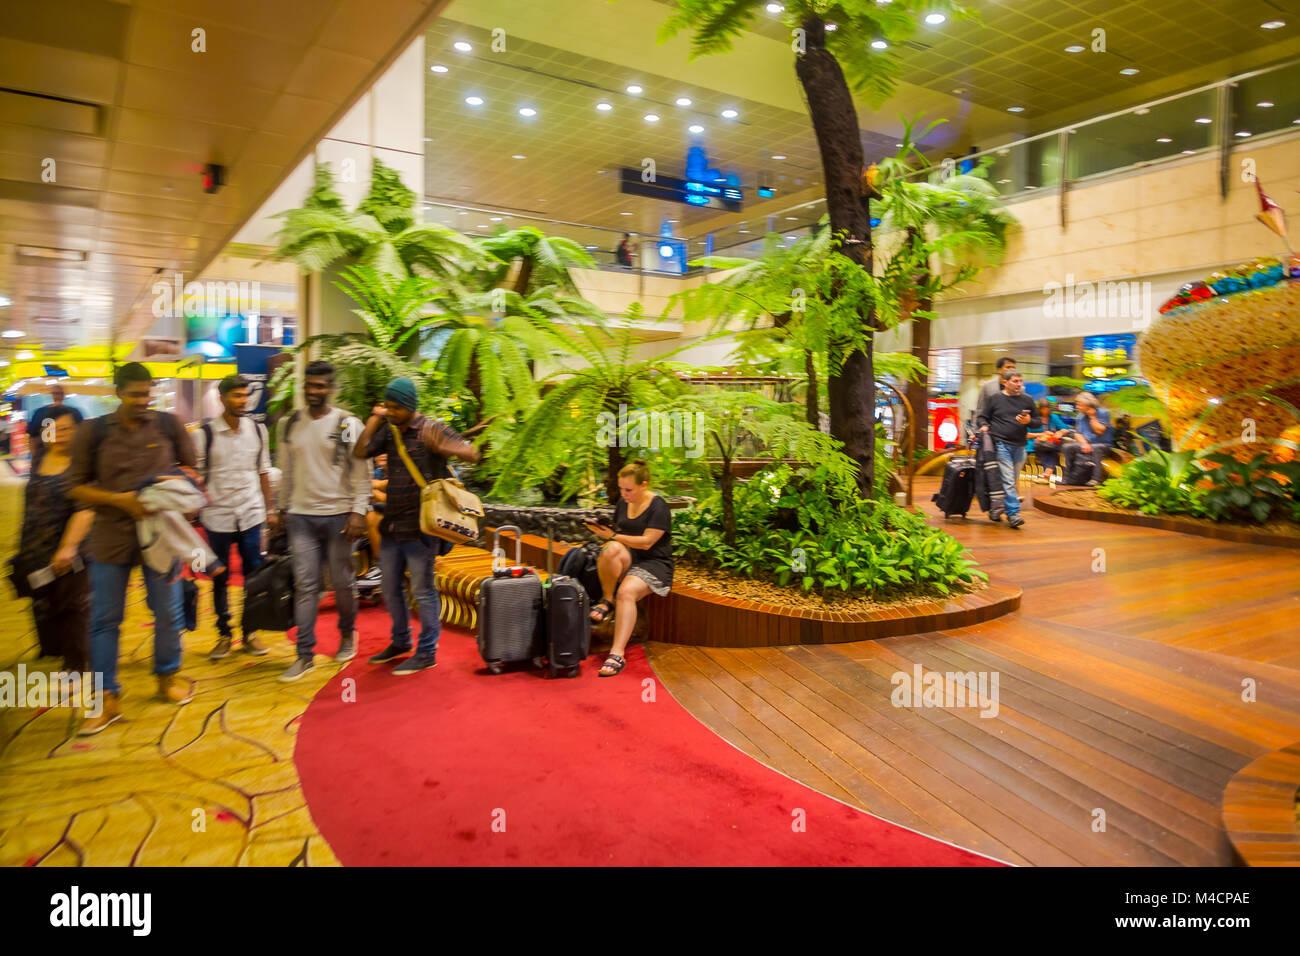 Singapur, Singapur   Januar 30, 2018: Indoor Blick Von Menschen Zu Fuß In  Einem Kleinen Garten Mit Pflanzen Innerhalb Der Flughafen Singapur Changi.